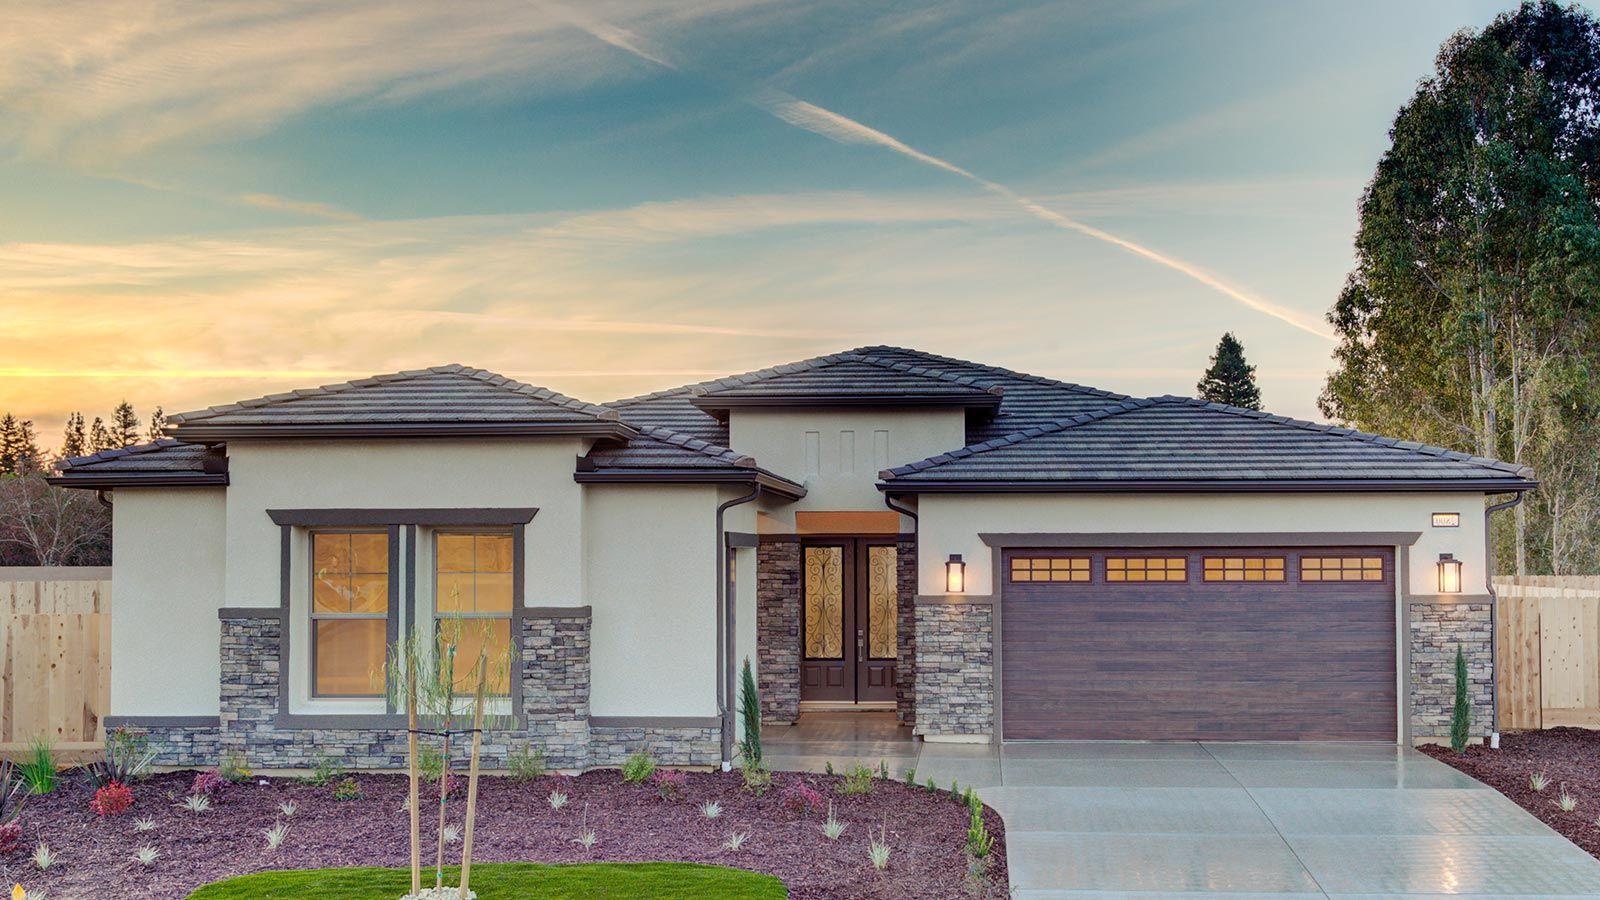 Cali - Modern Prairie Exterior